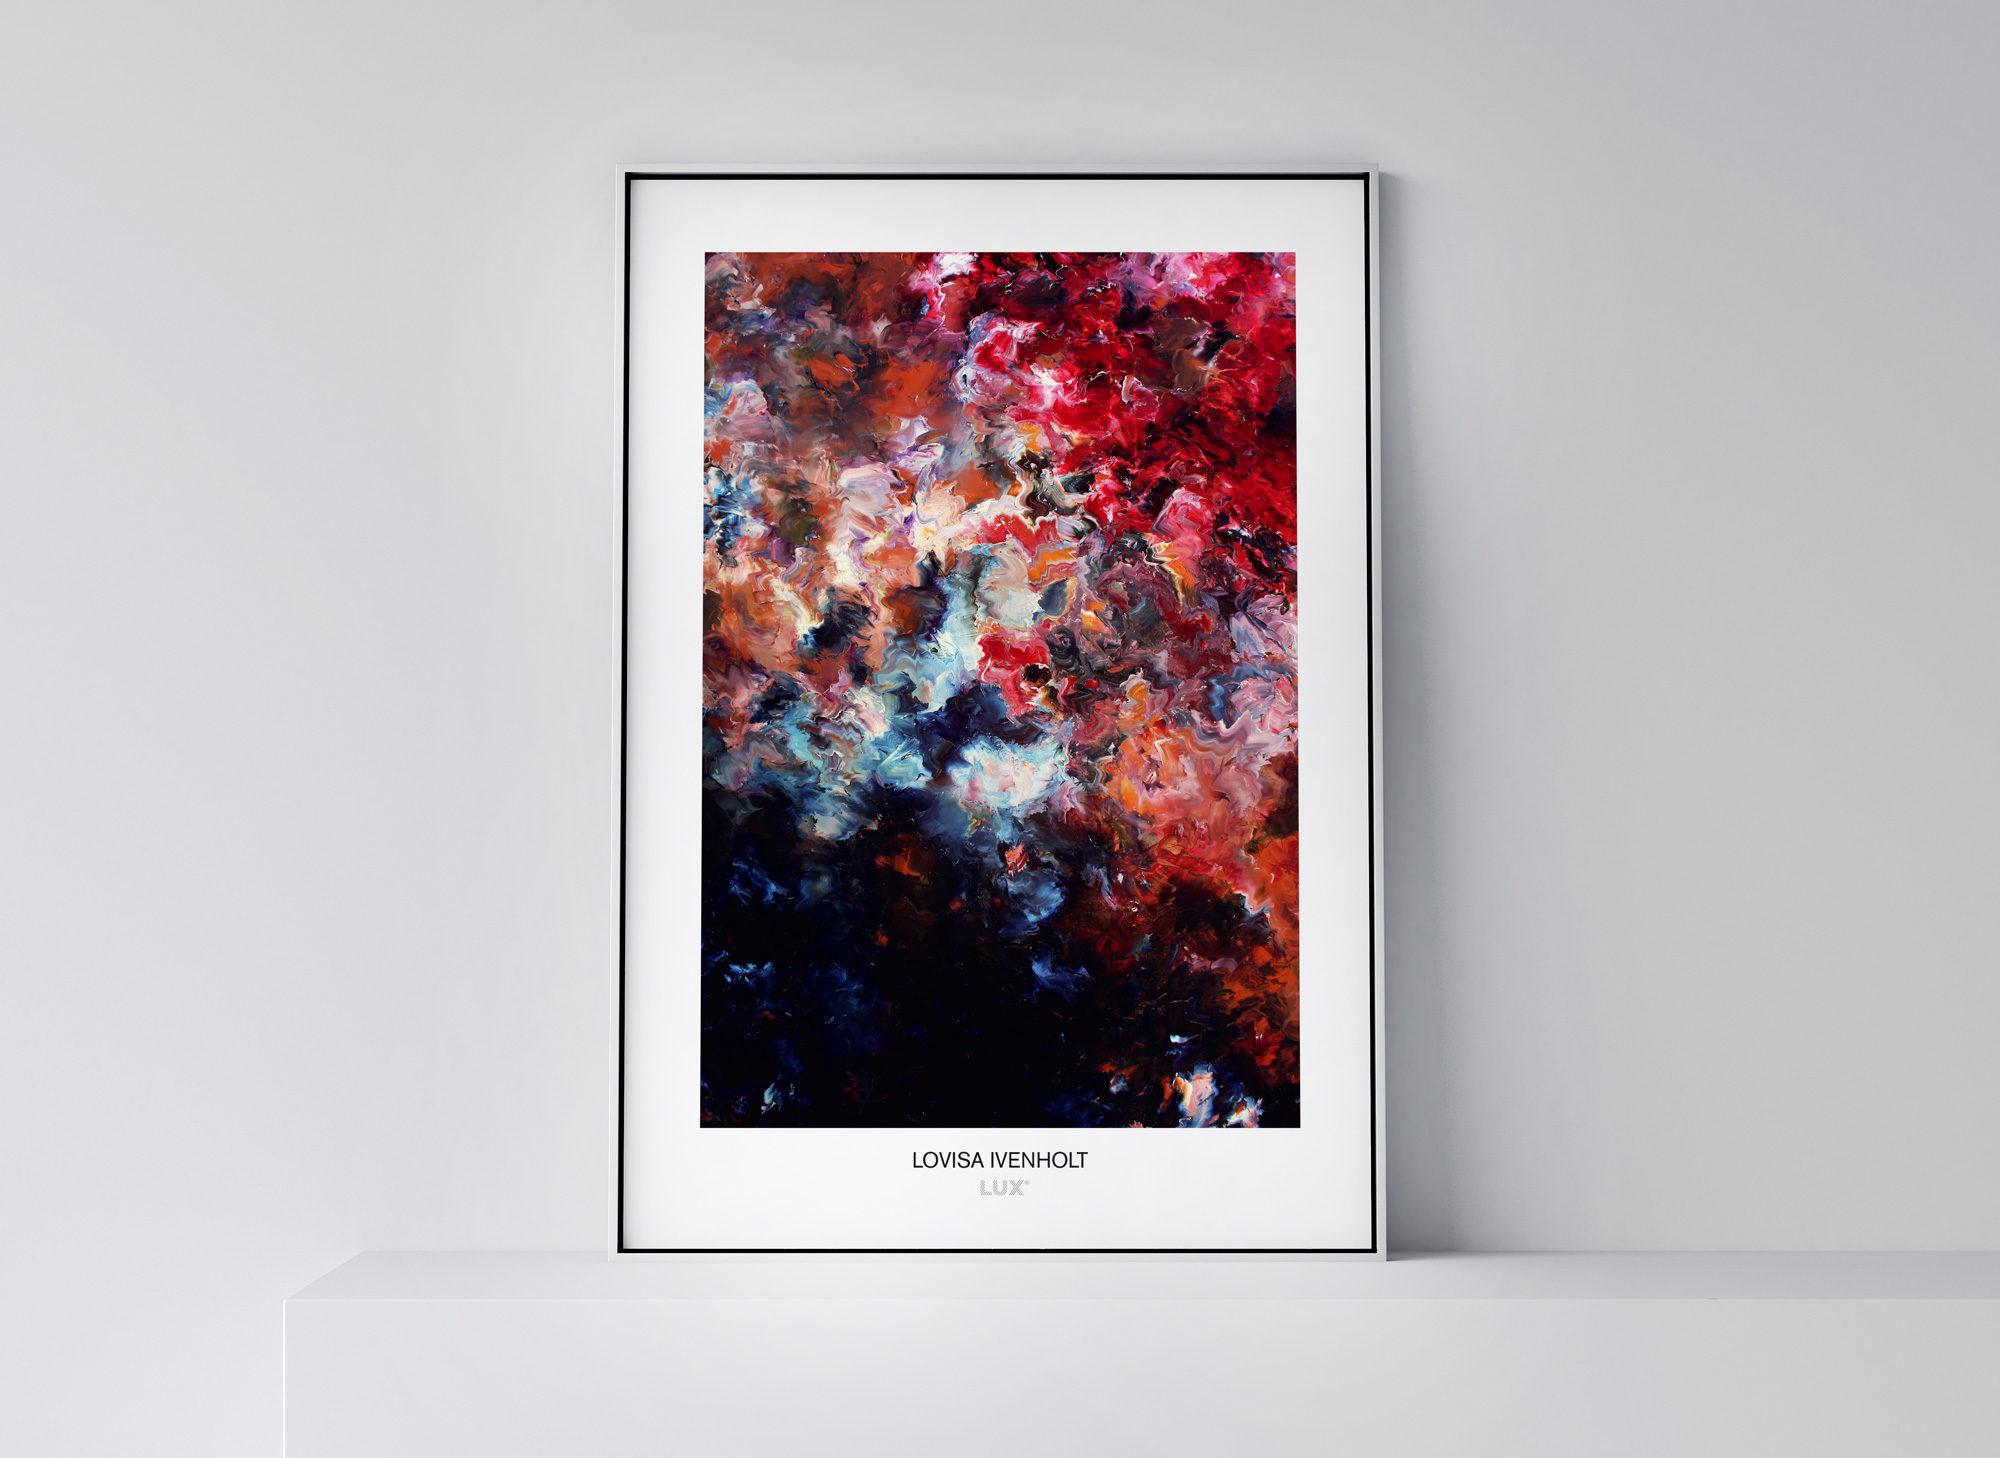 Lovisa Ivenholt konstposter 50x70 cm